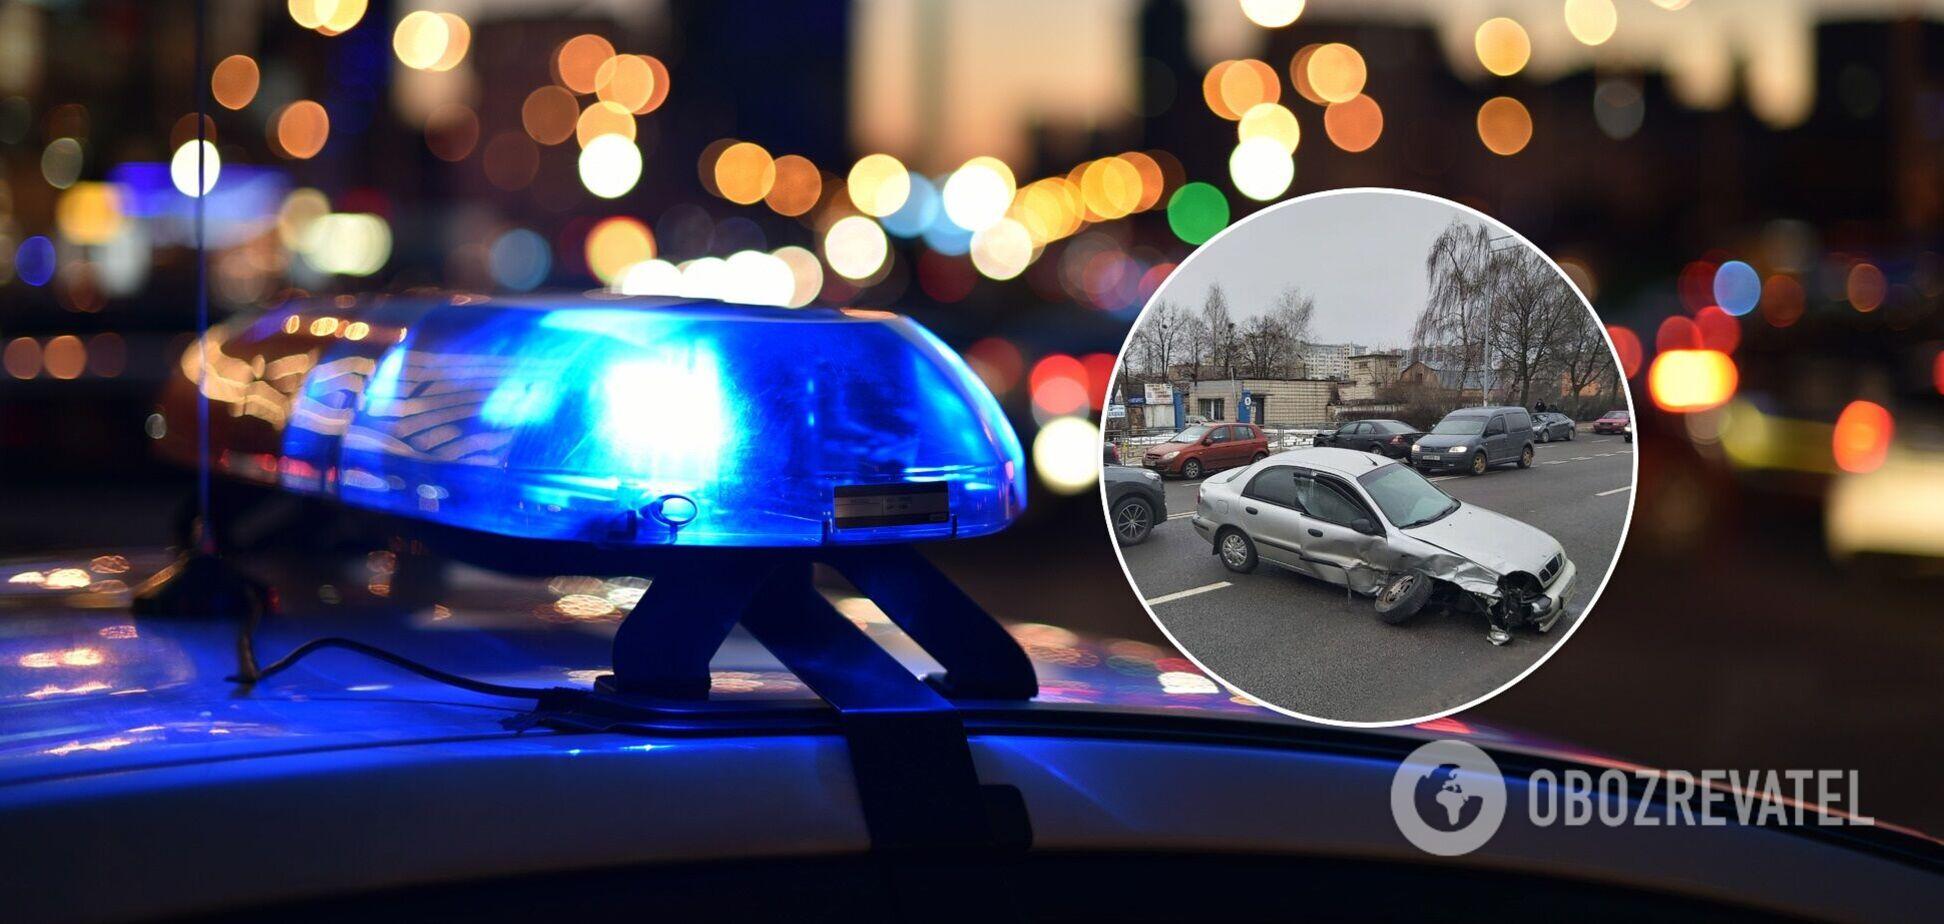 Деталі та причини аварії встановить поліція